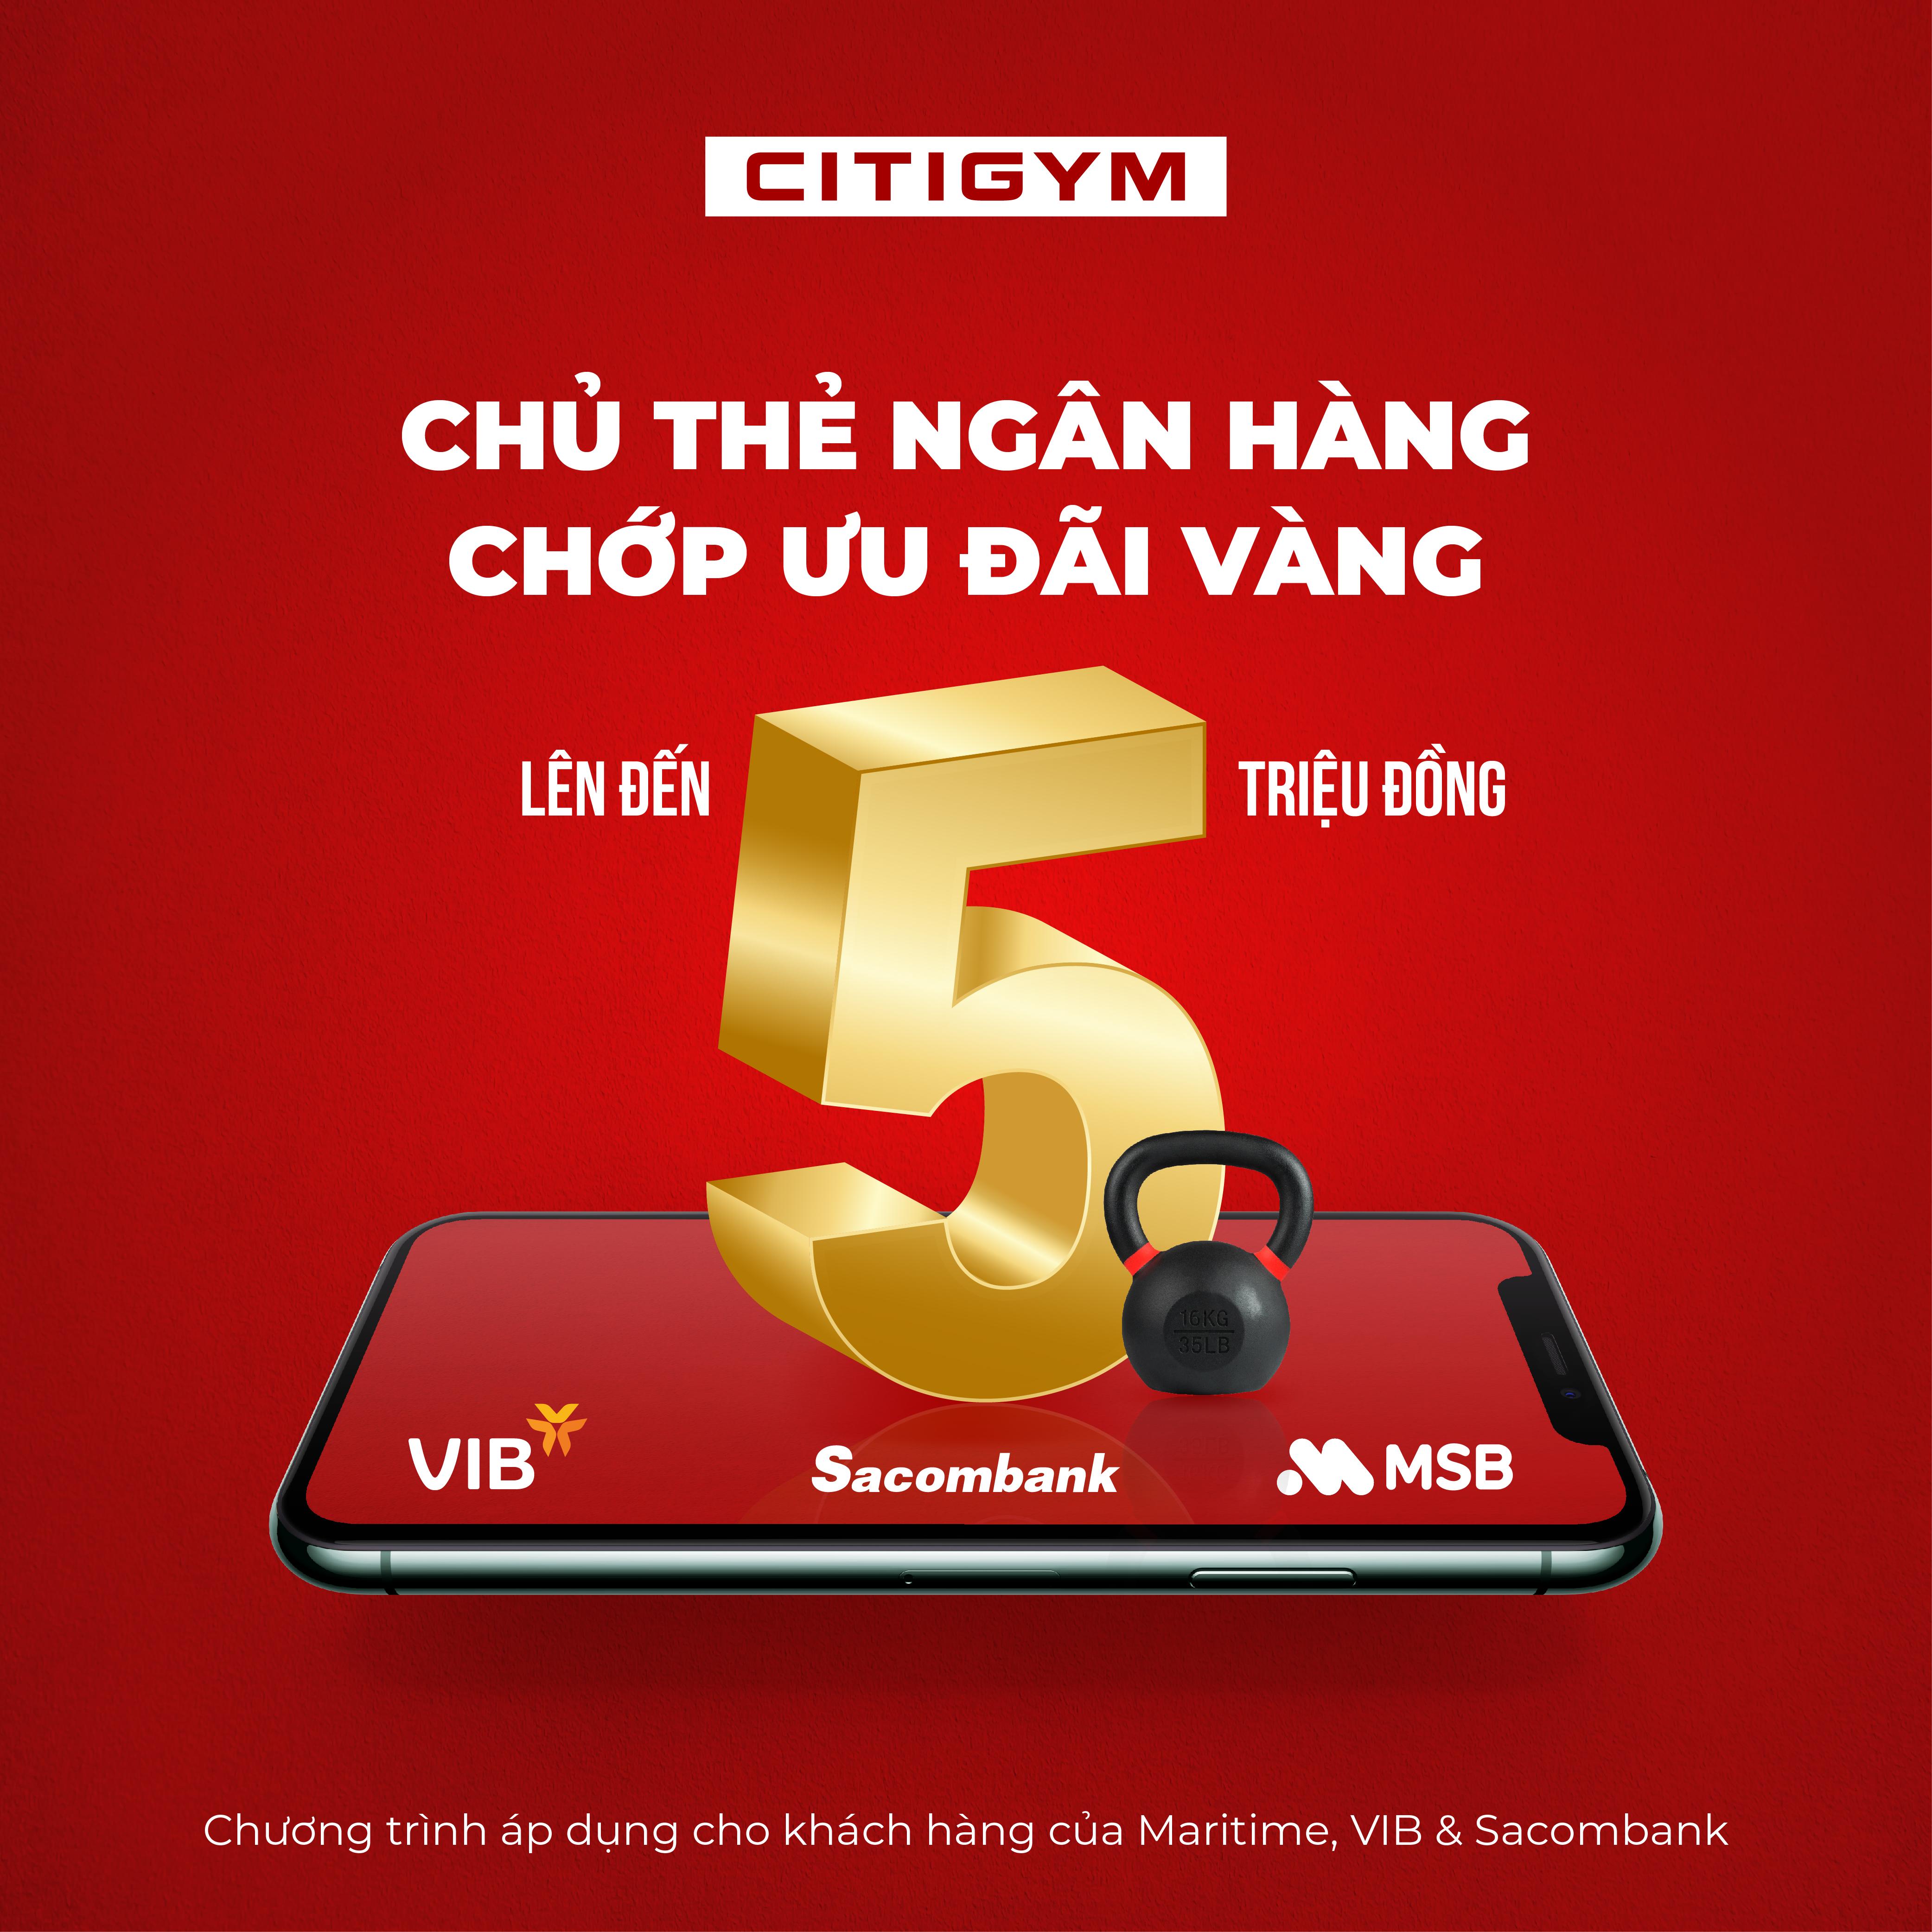 Miễn là chủ thẻ ngân hàng, nhận ngay gói tập 1 tháng tại CITIGYM!